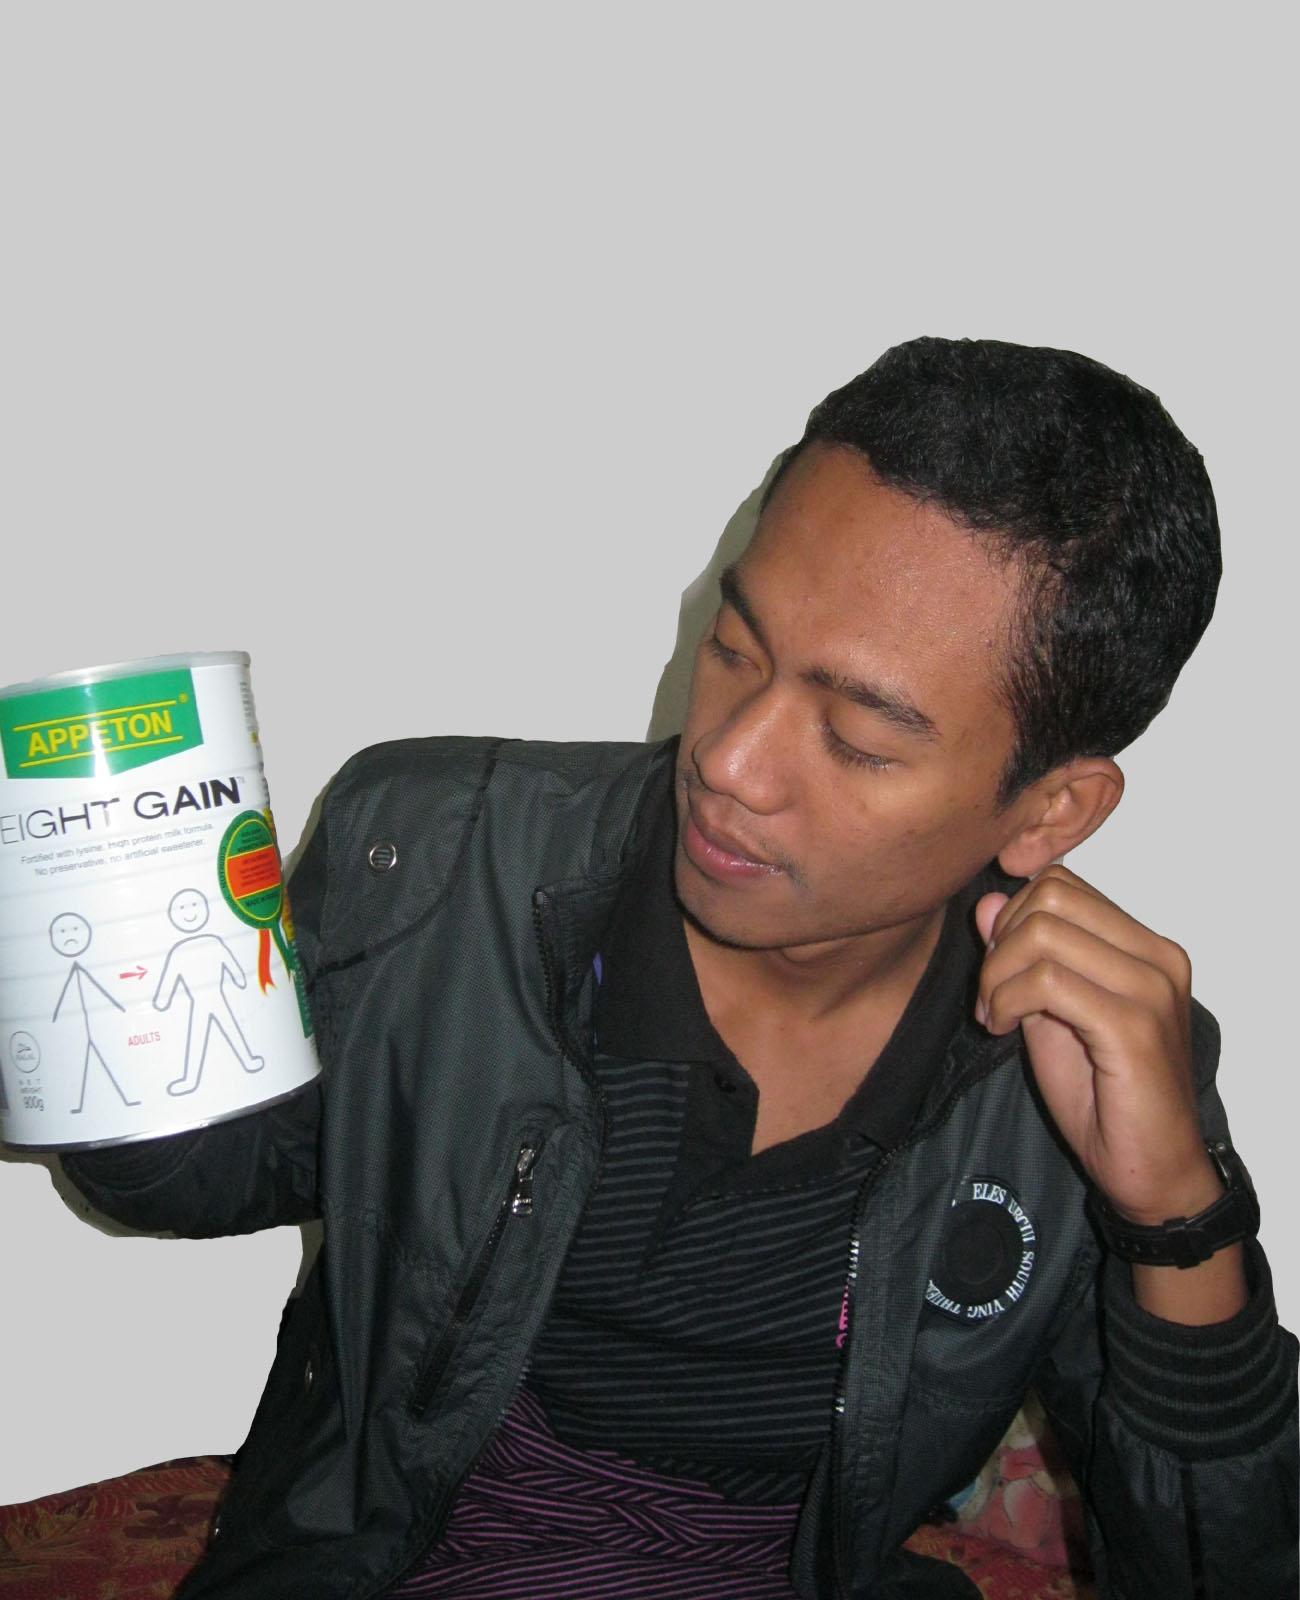 Pengalaman Mengkonsumsi Susu Appeton Weight Gain Biar